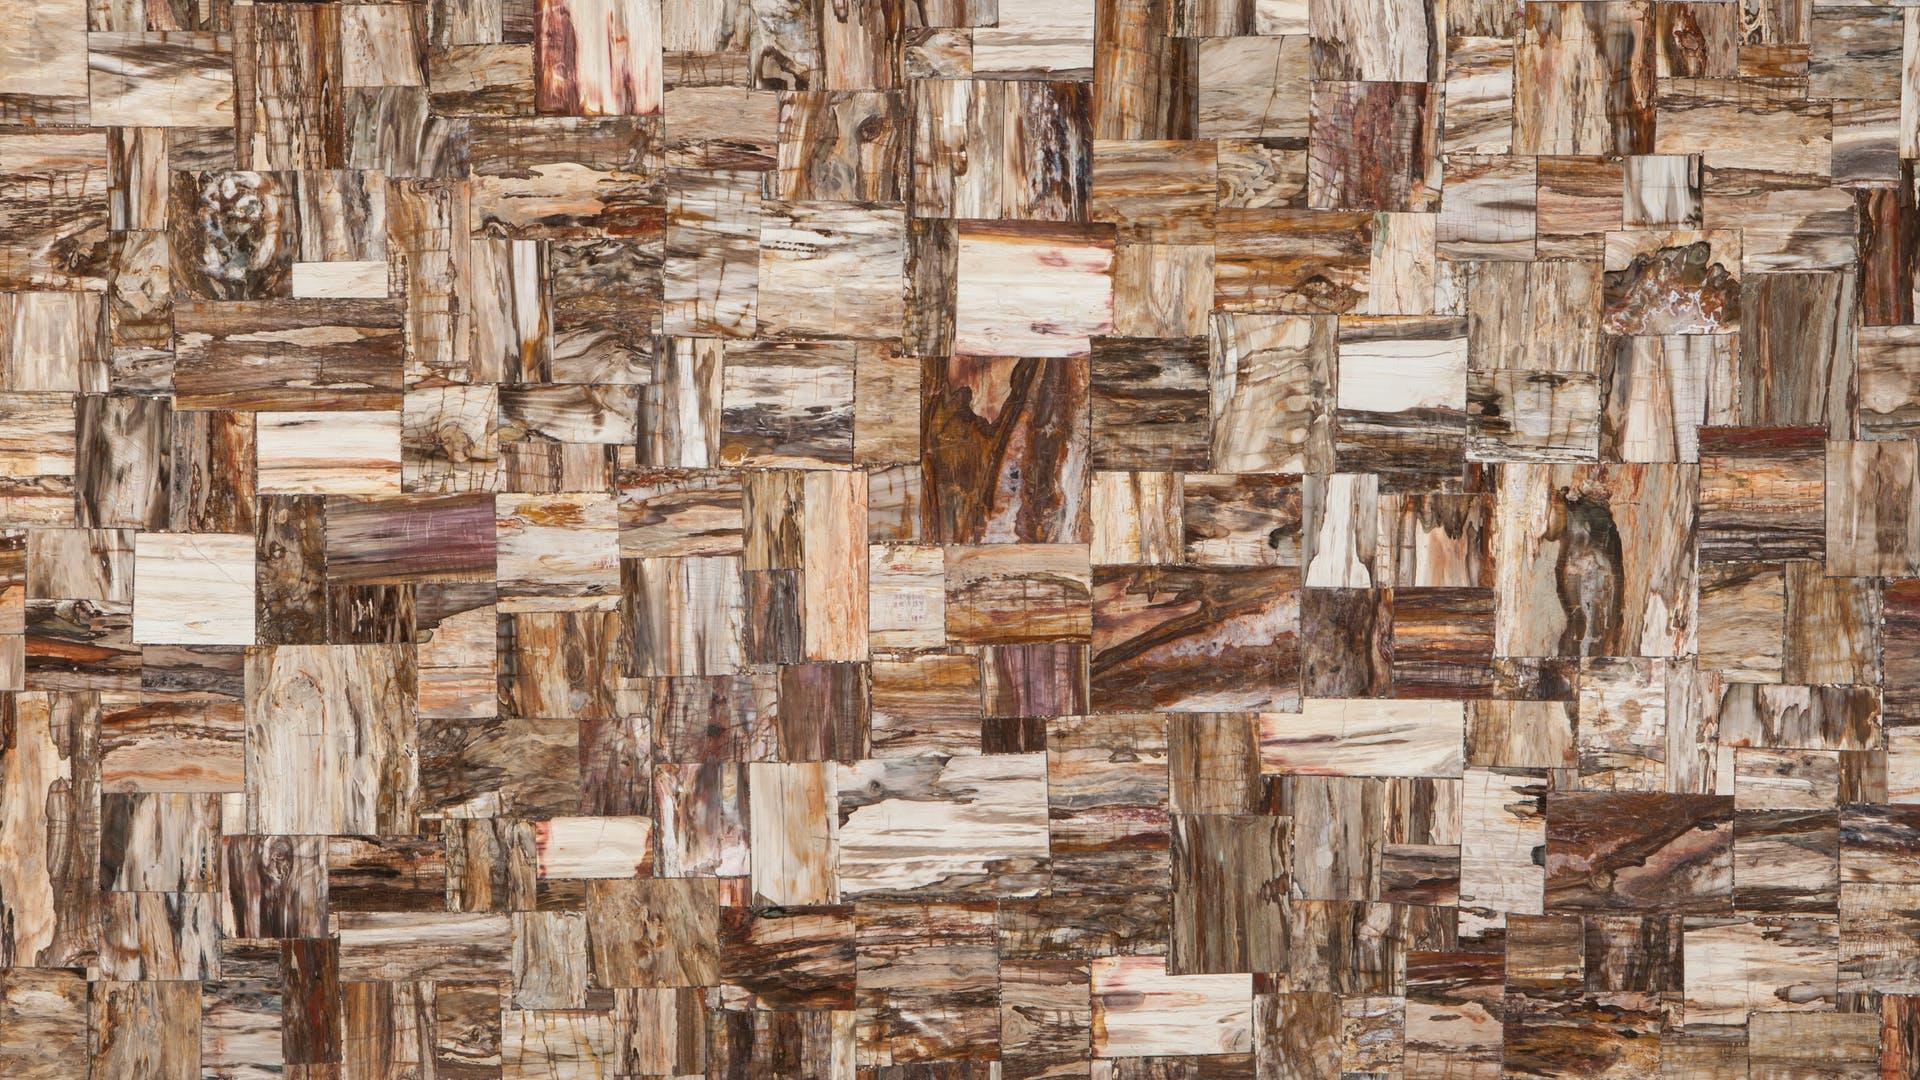 Placa de Piedras Semipreciosas Retro Petrified Wood Pulido Prexury Collection